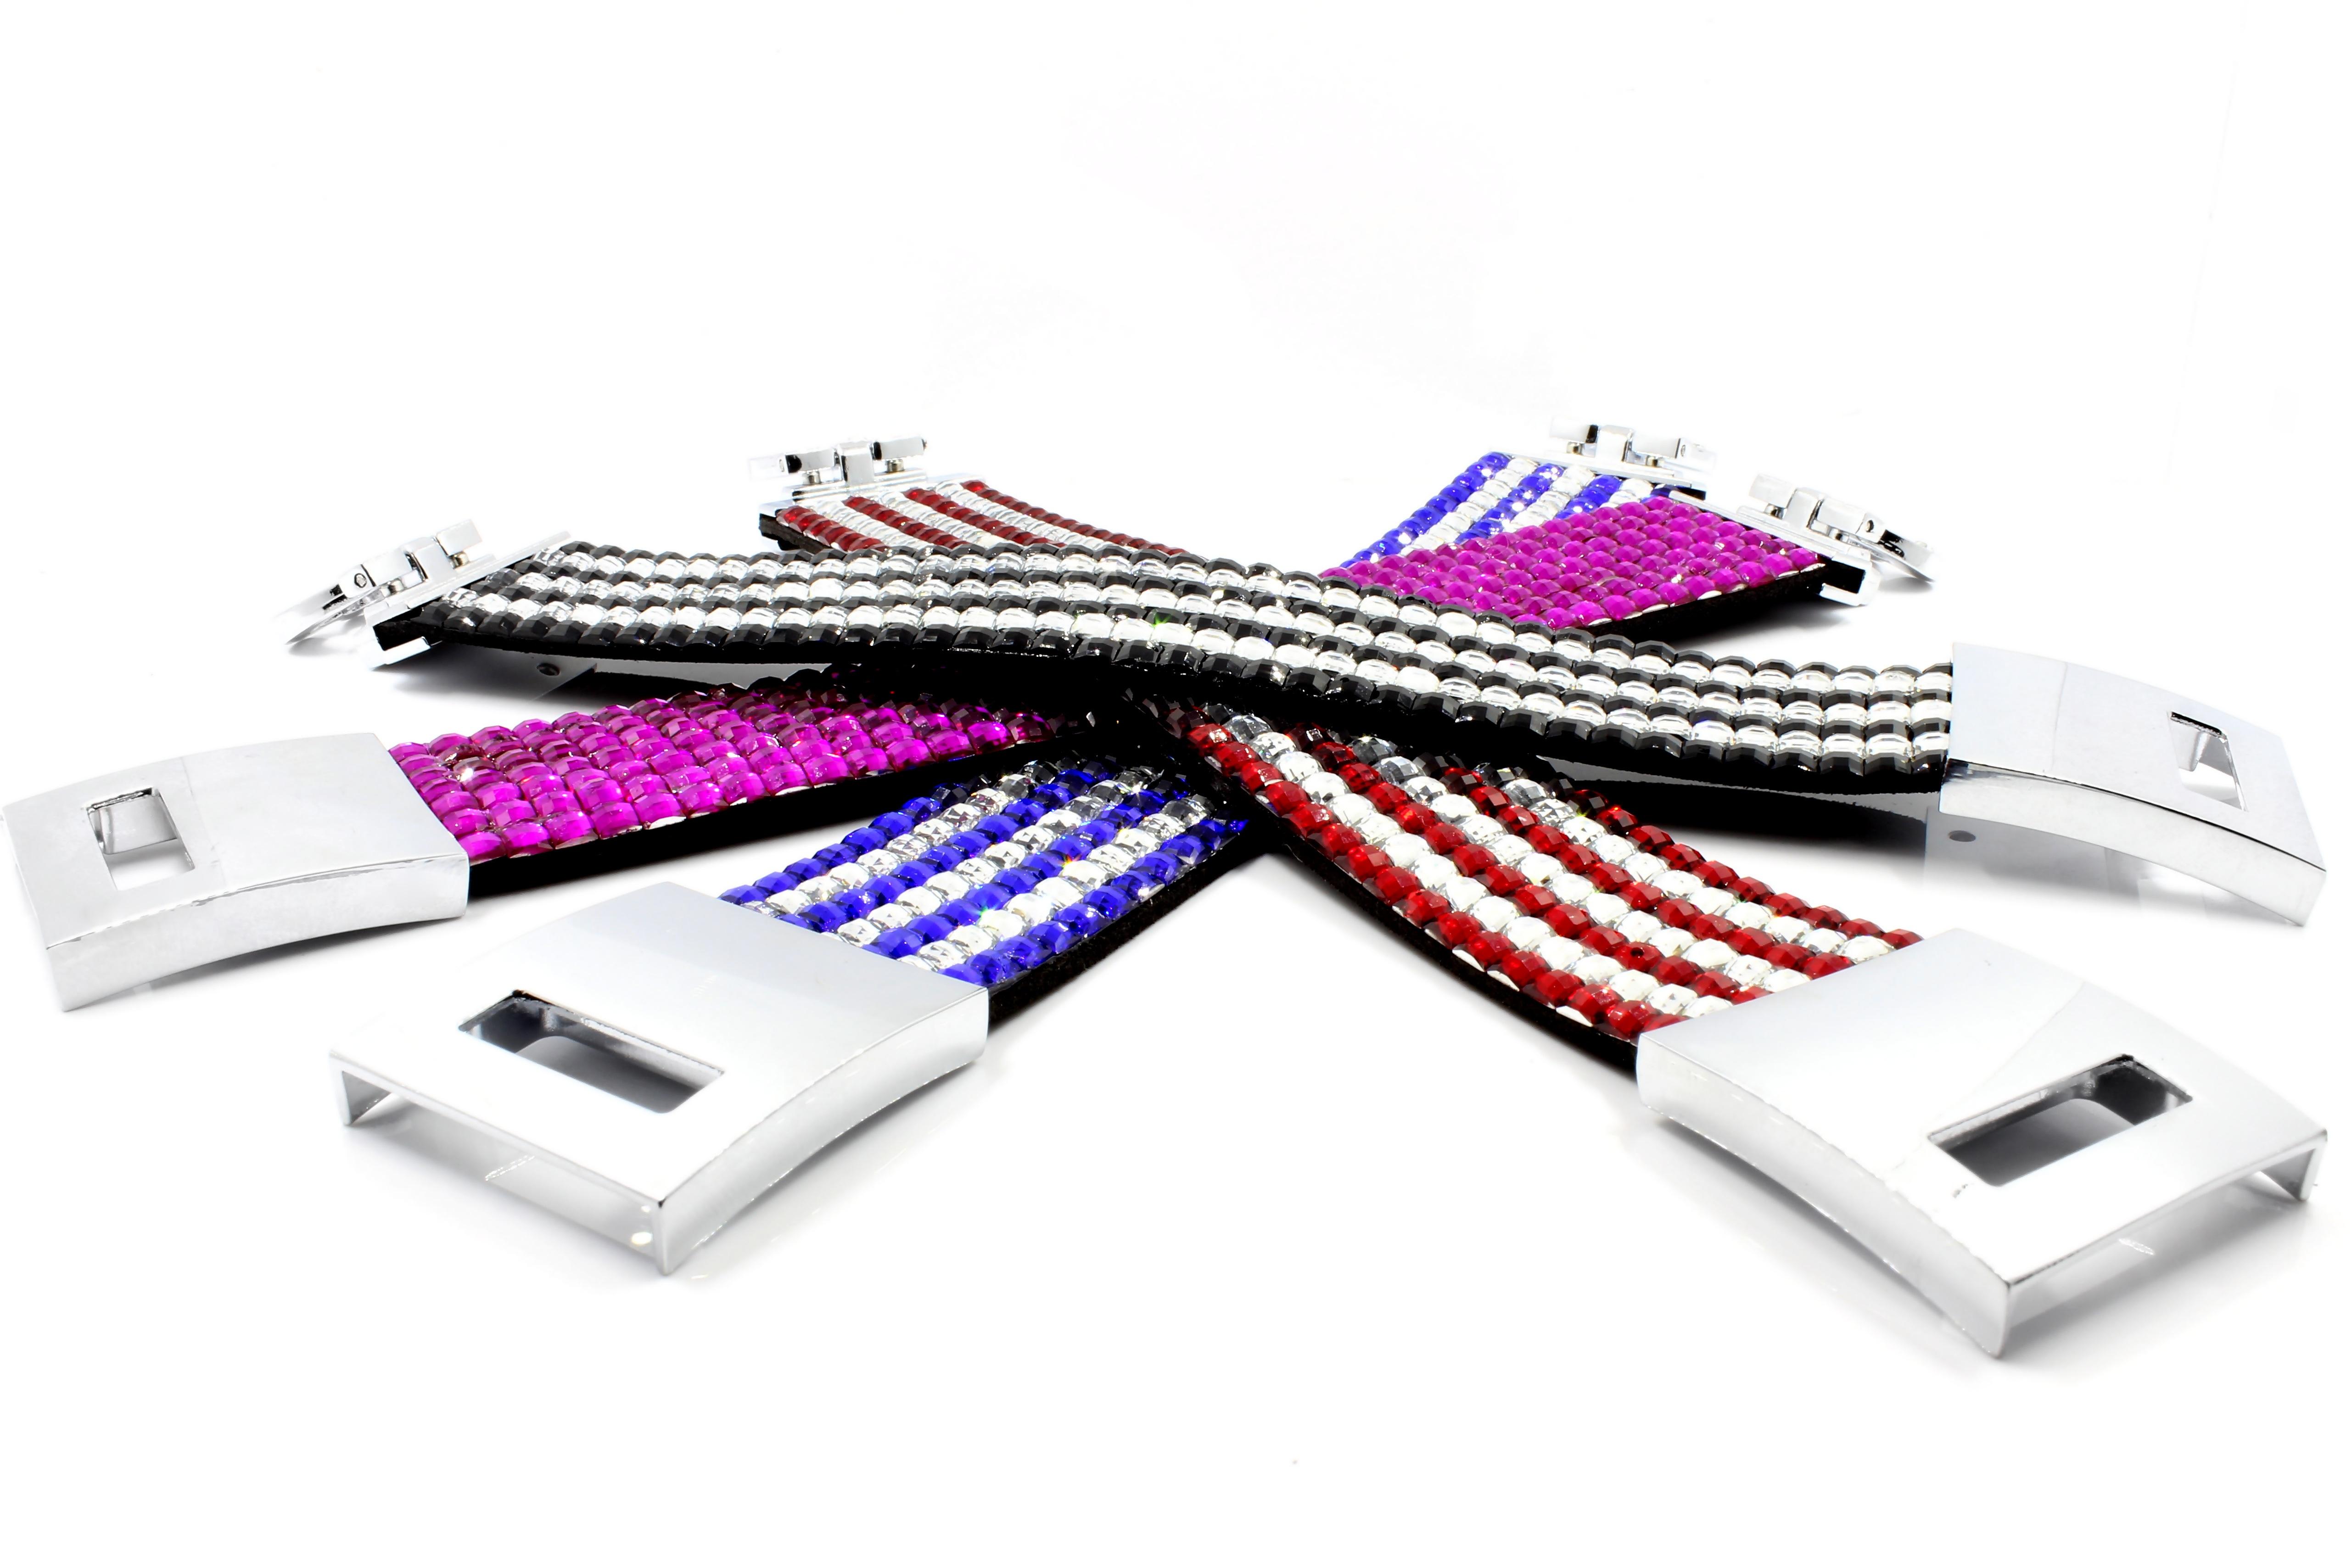 Stehlen Modern kostenlose foto technologie weiß isoliert kabel stehlen